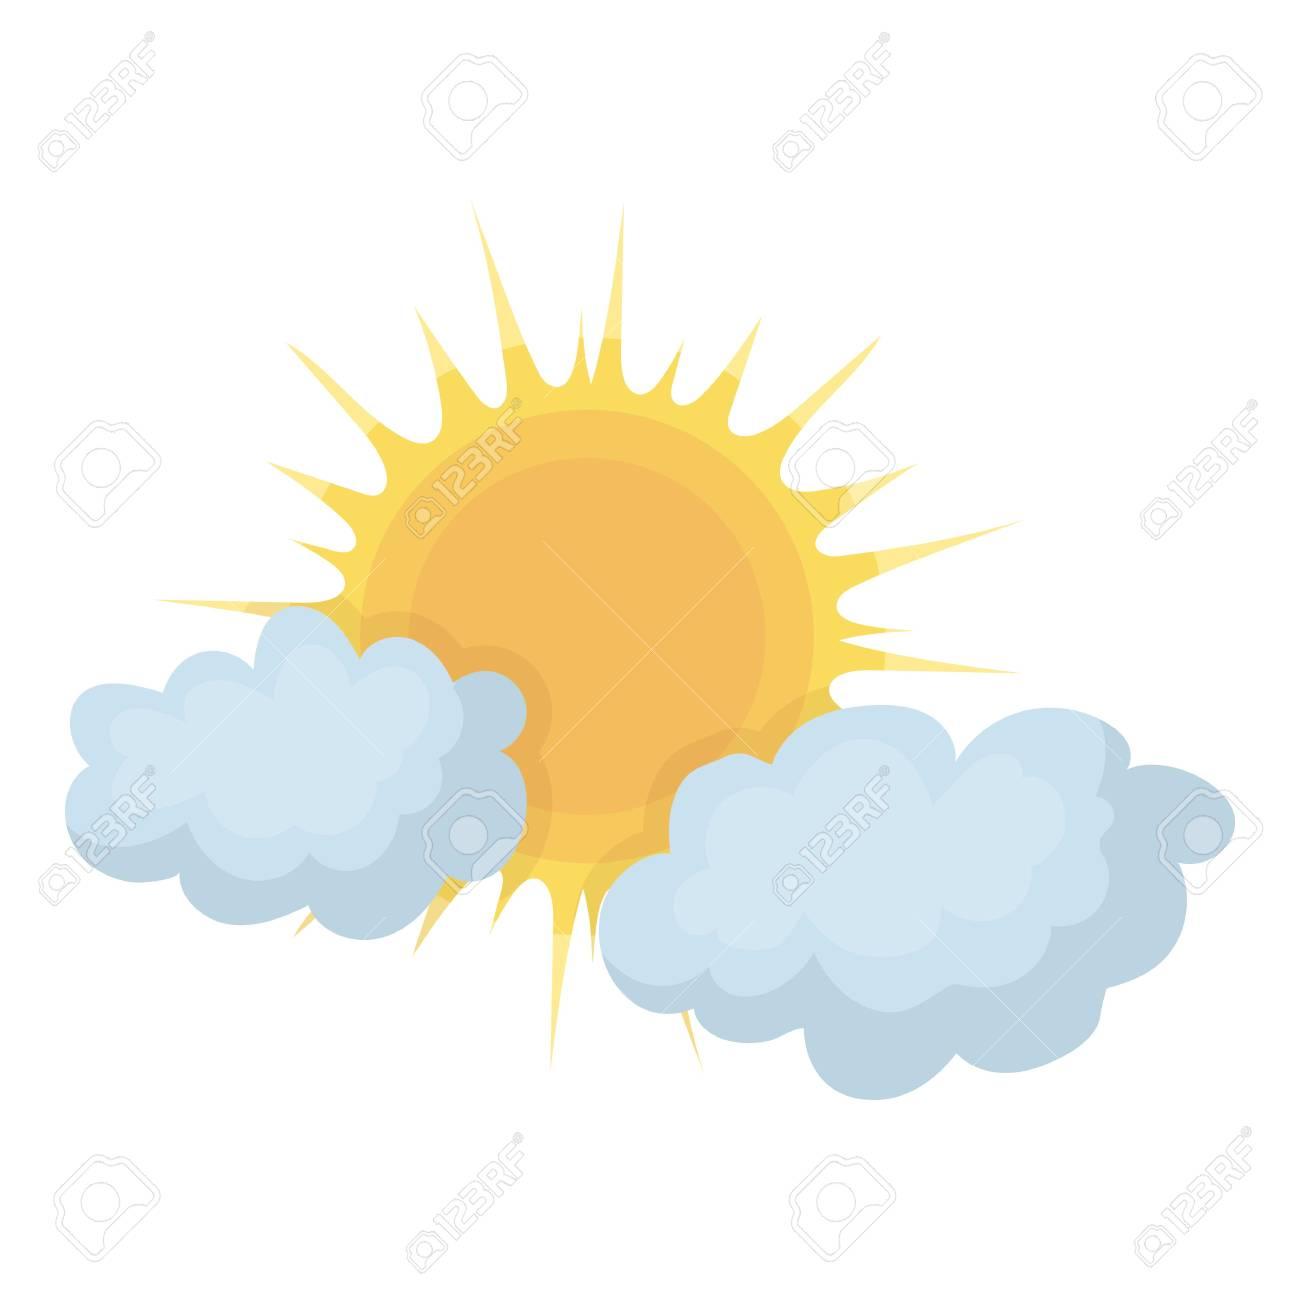 Icono De Clima Nublado En Estilo De Dibujos Animados Aislado Sobre Fondo  Blanco. Ilustración De Vector De Símbolo Del Tiempo. Ilustraciones  Vectoriales, Clip Art Vectorizado Libre De Derechos. Image 64178799.